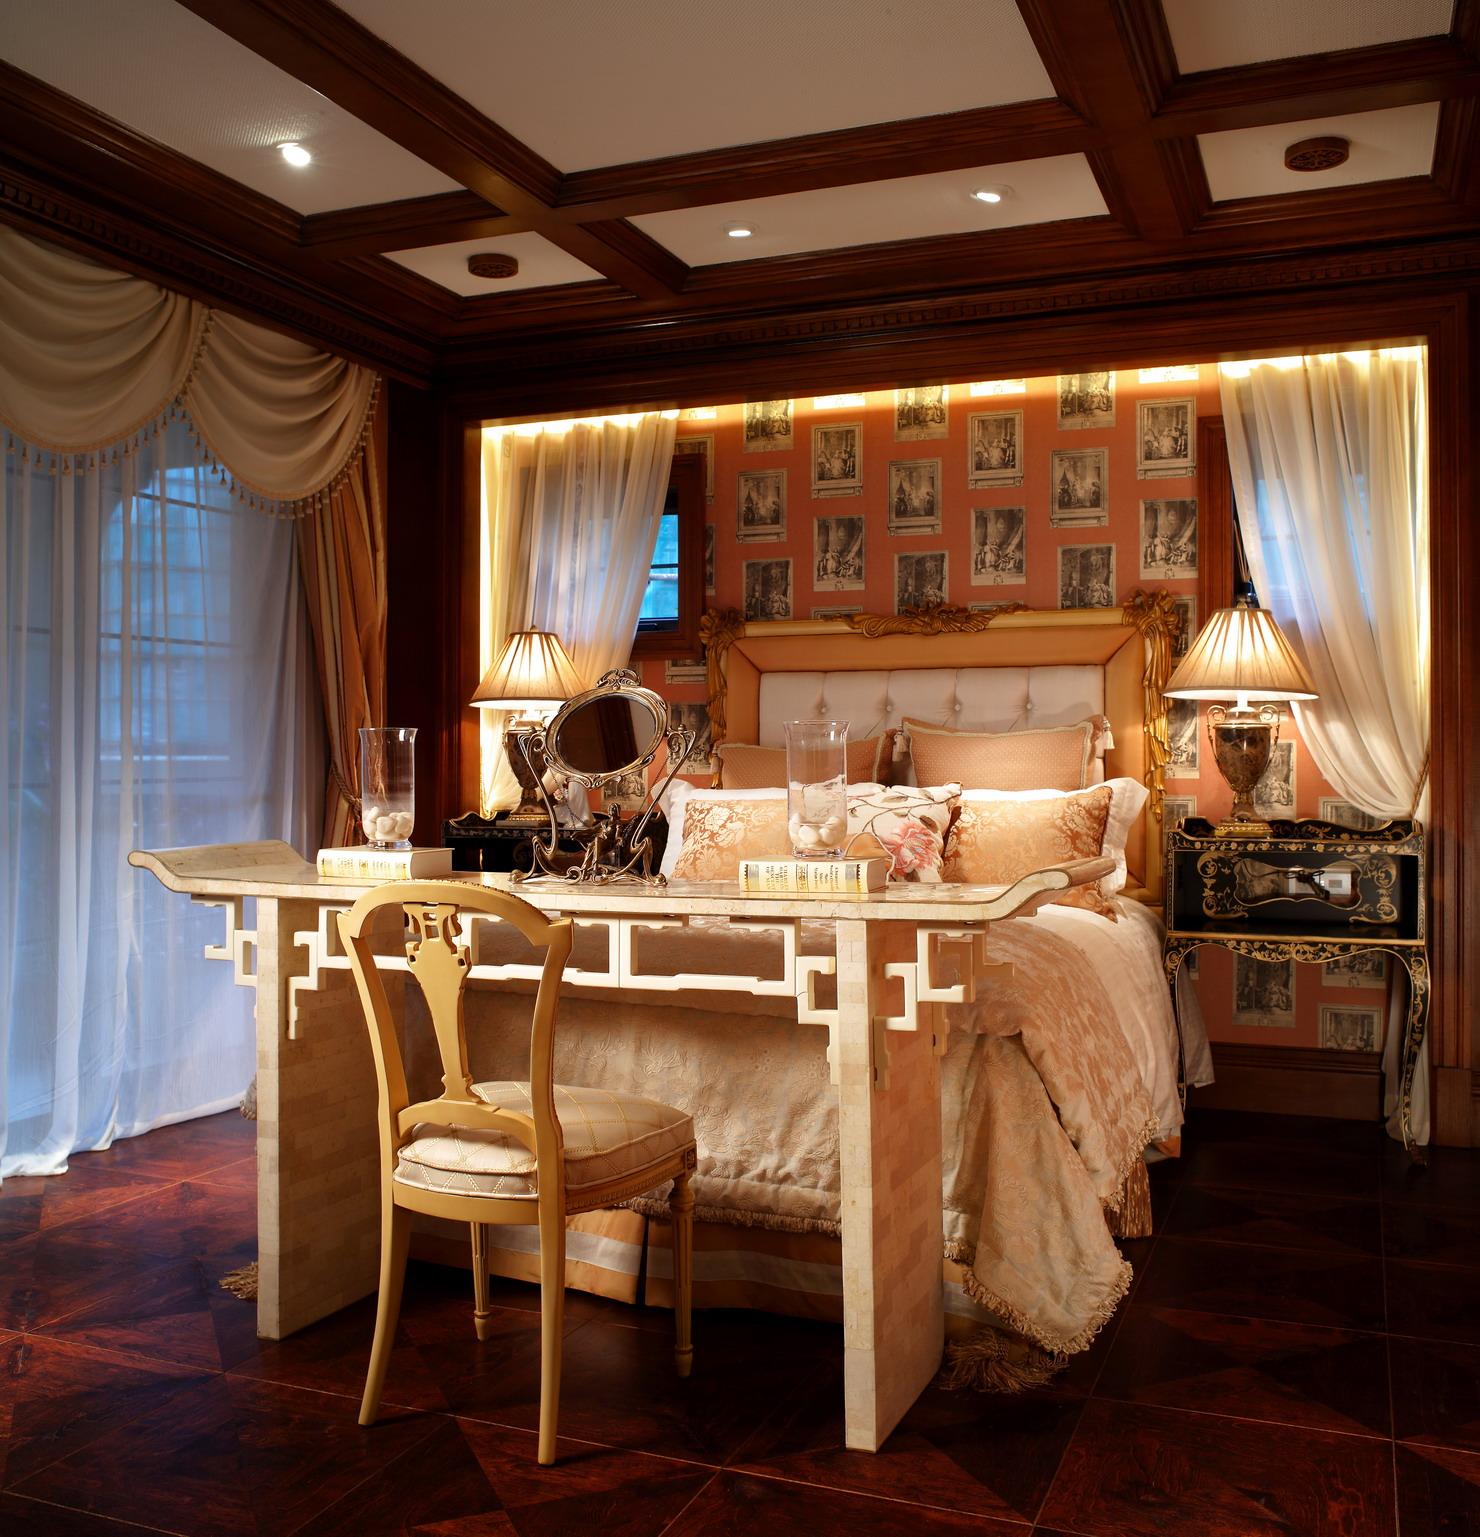 东郊紫园 别墅装修 美式古典 腾龙设计 卧室图片来自腾龙设计在东郊紫园别墅装修美式古典风格的分享